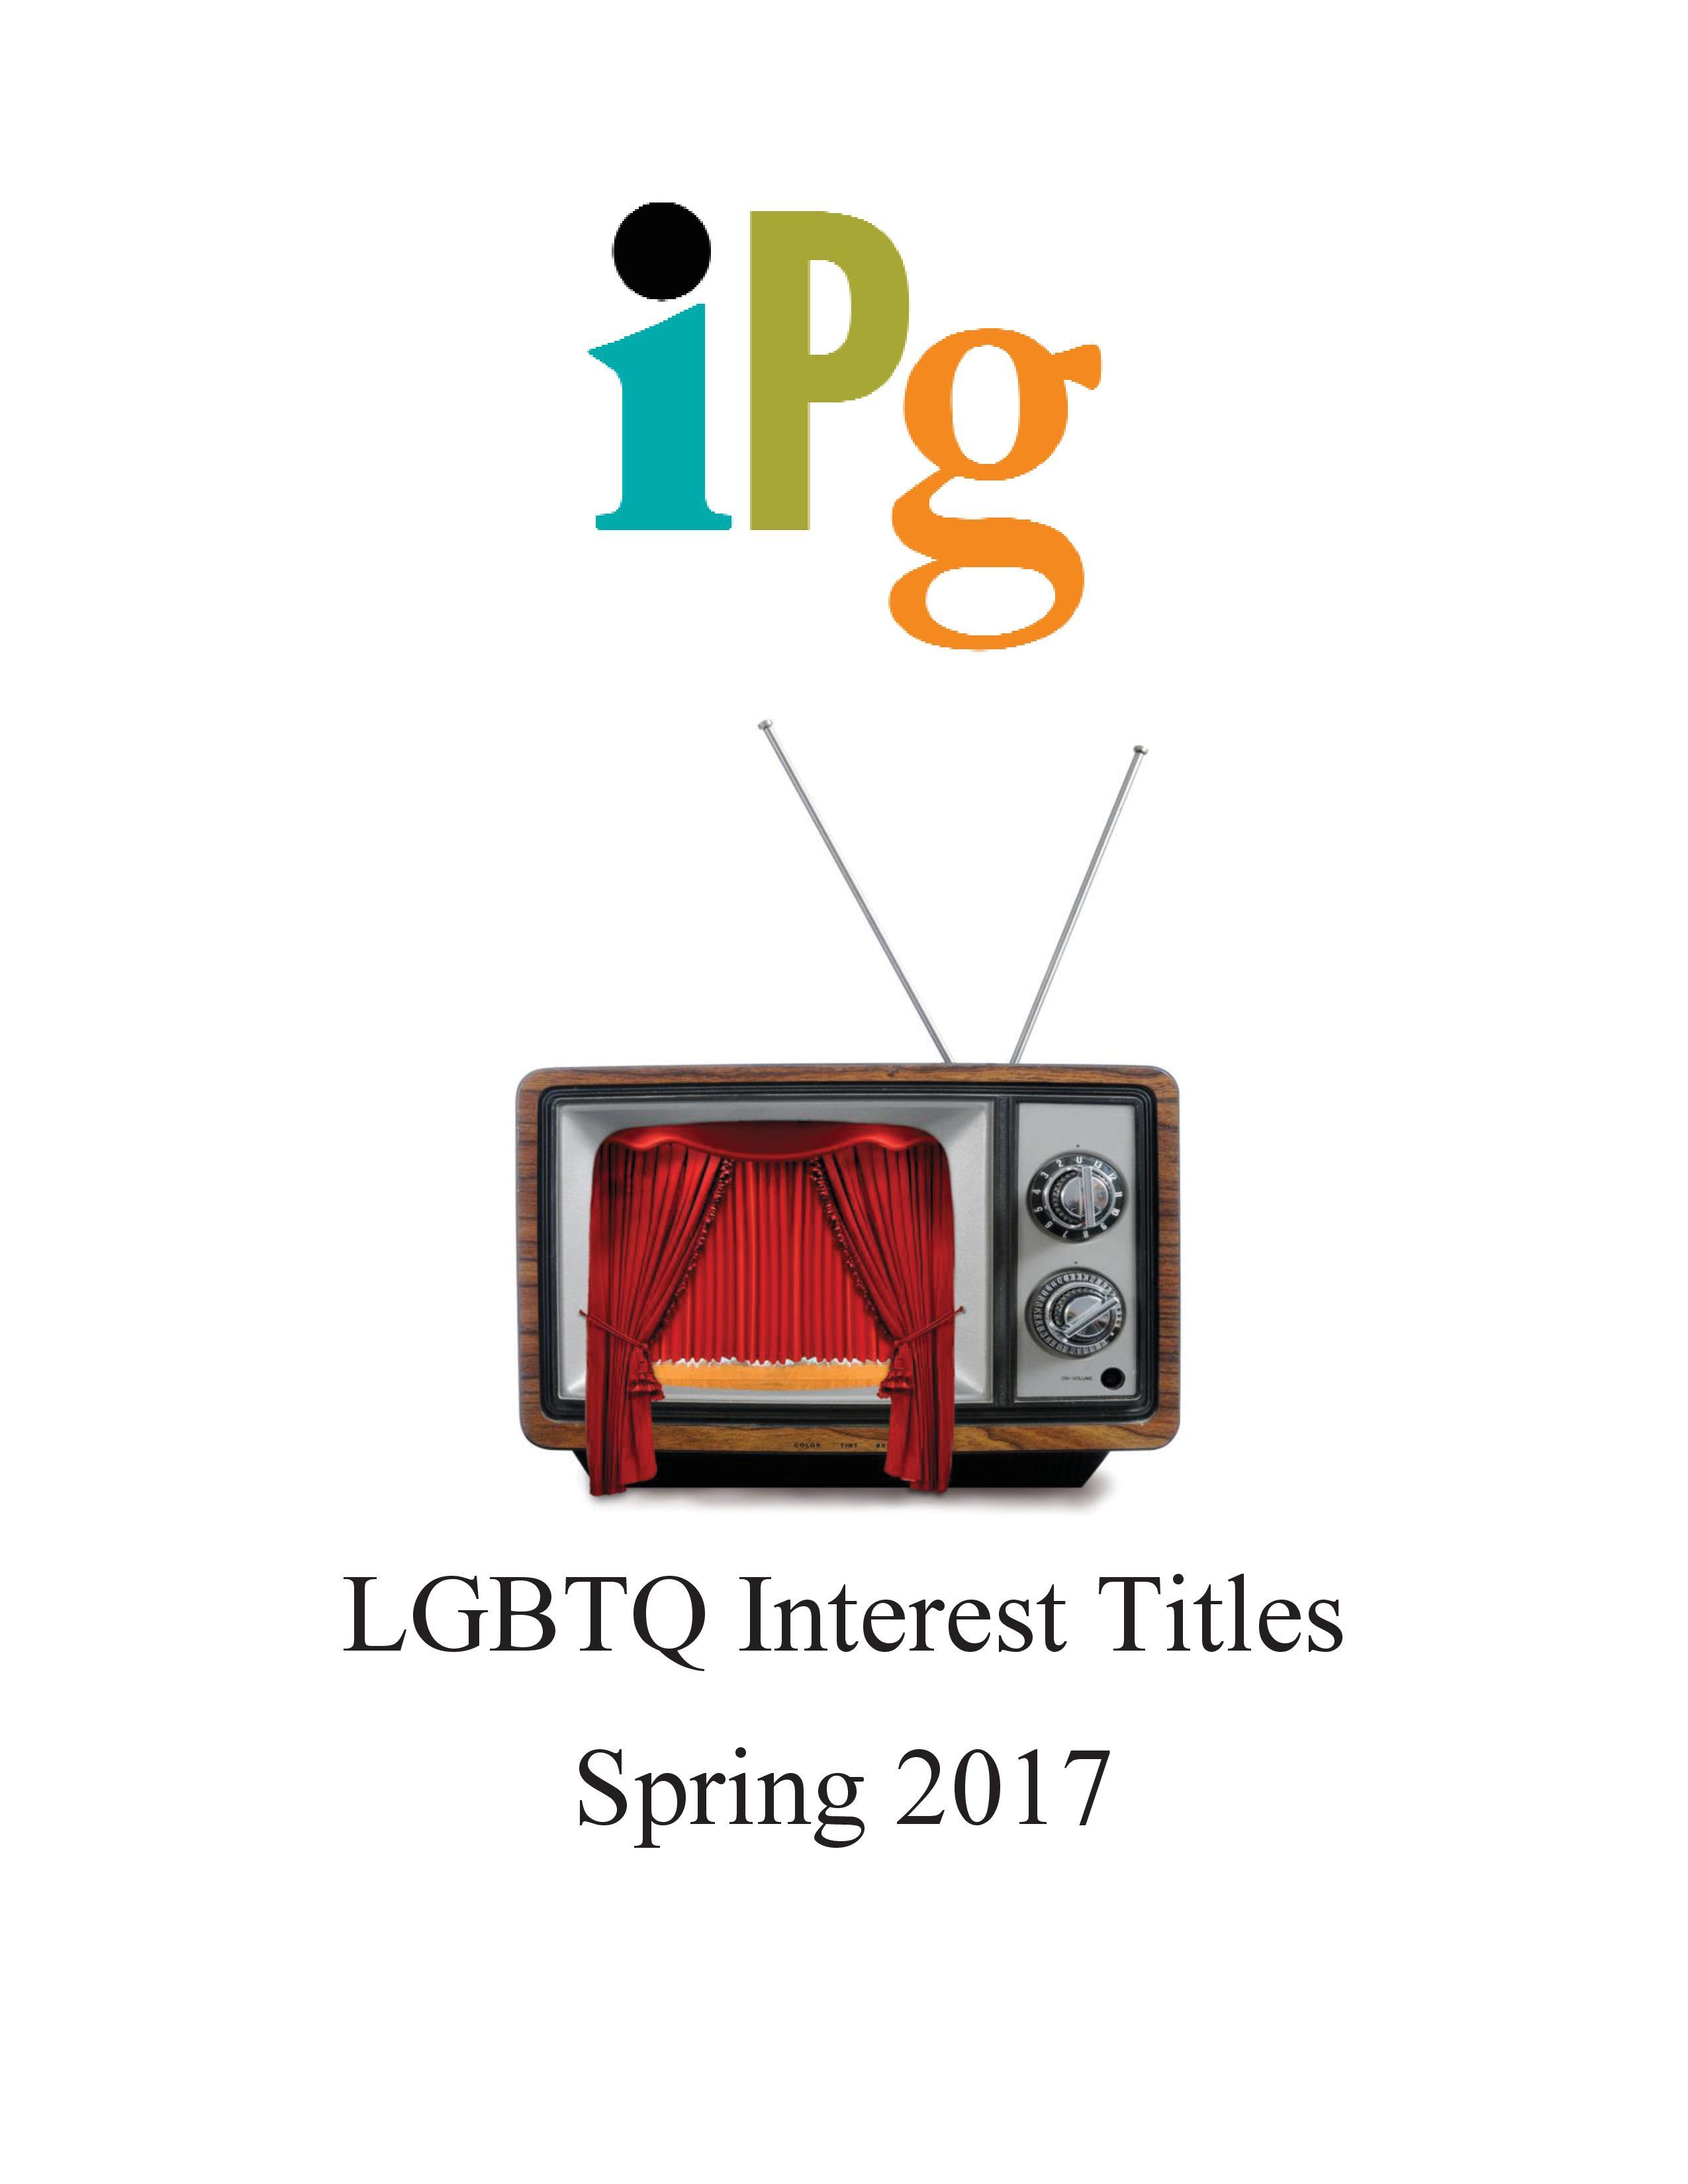 LGBTQ Interest Titles